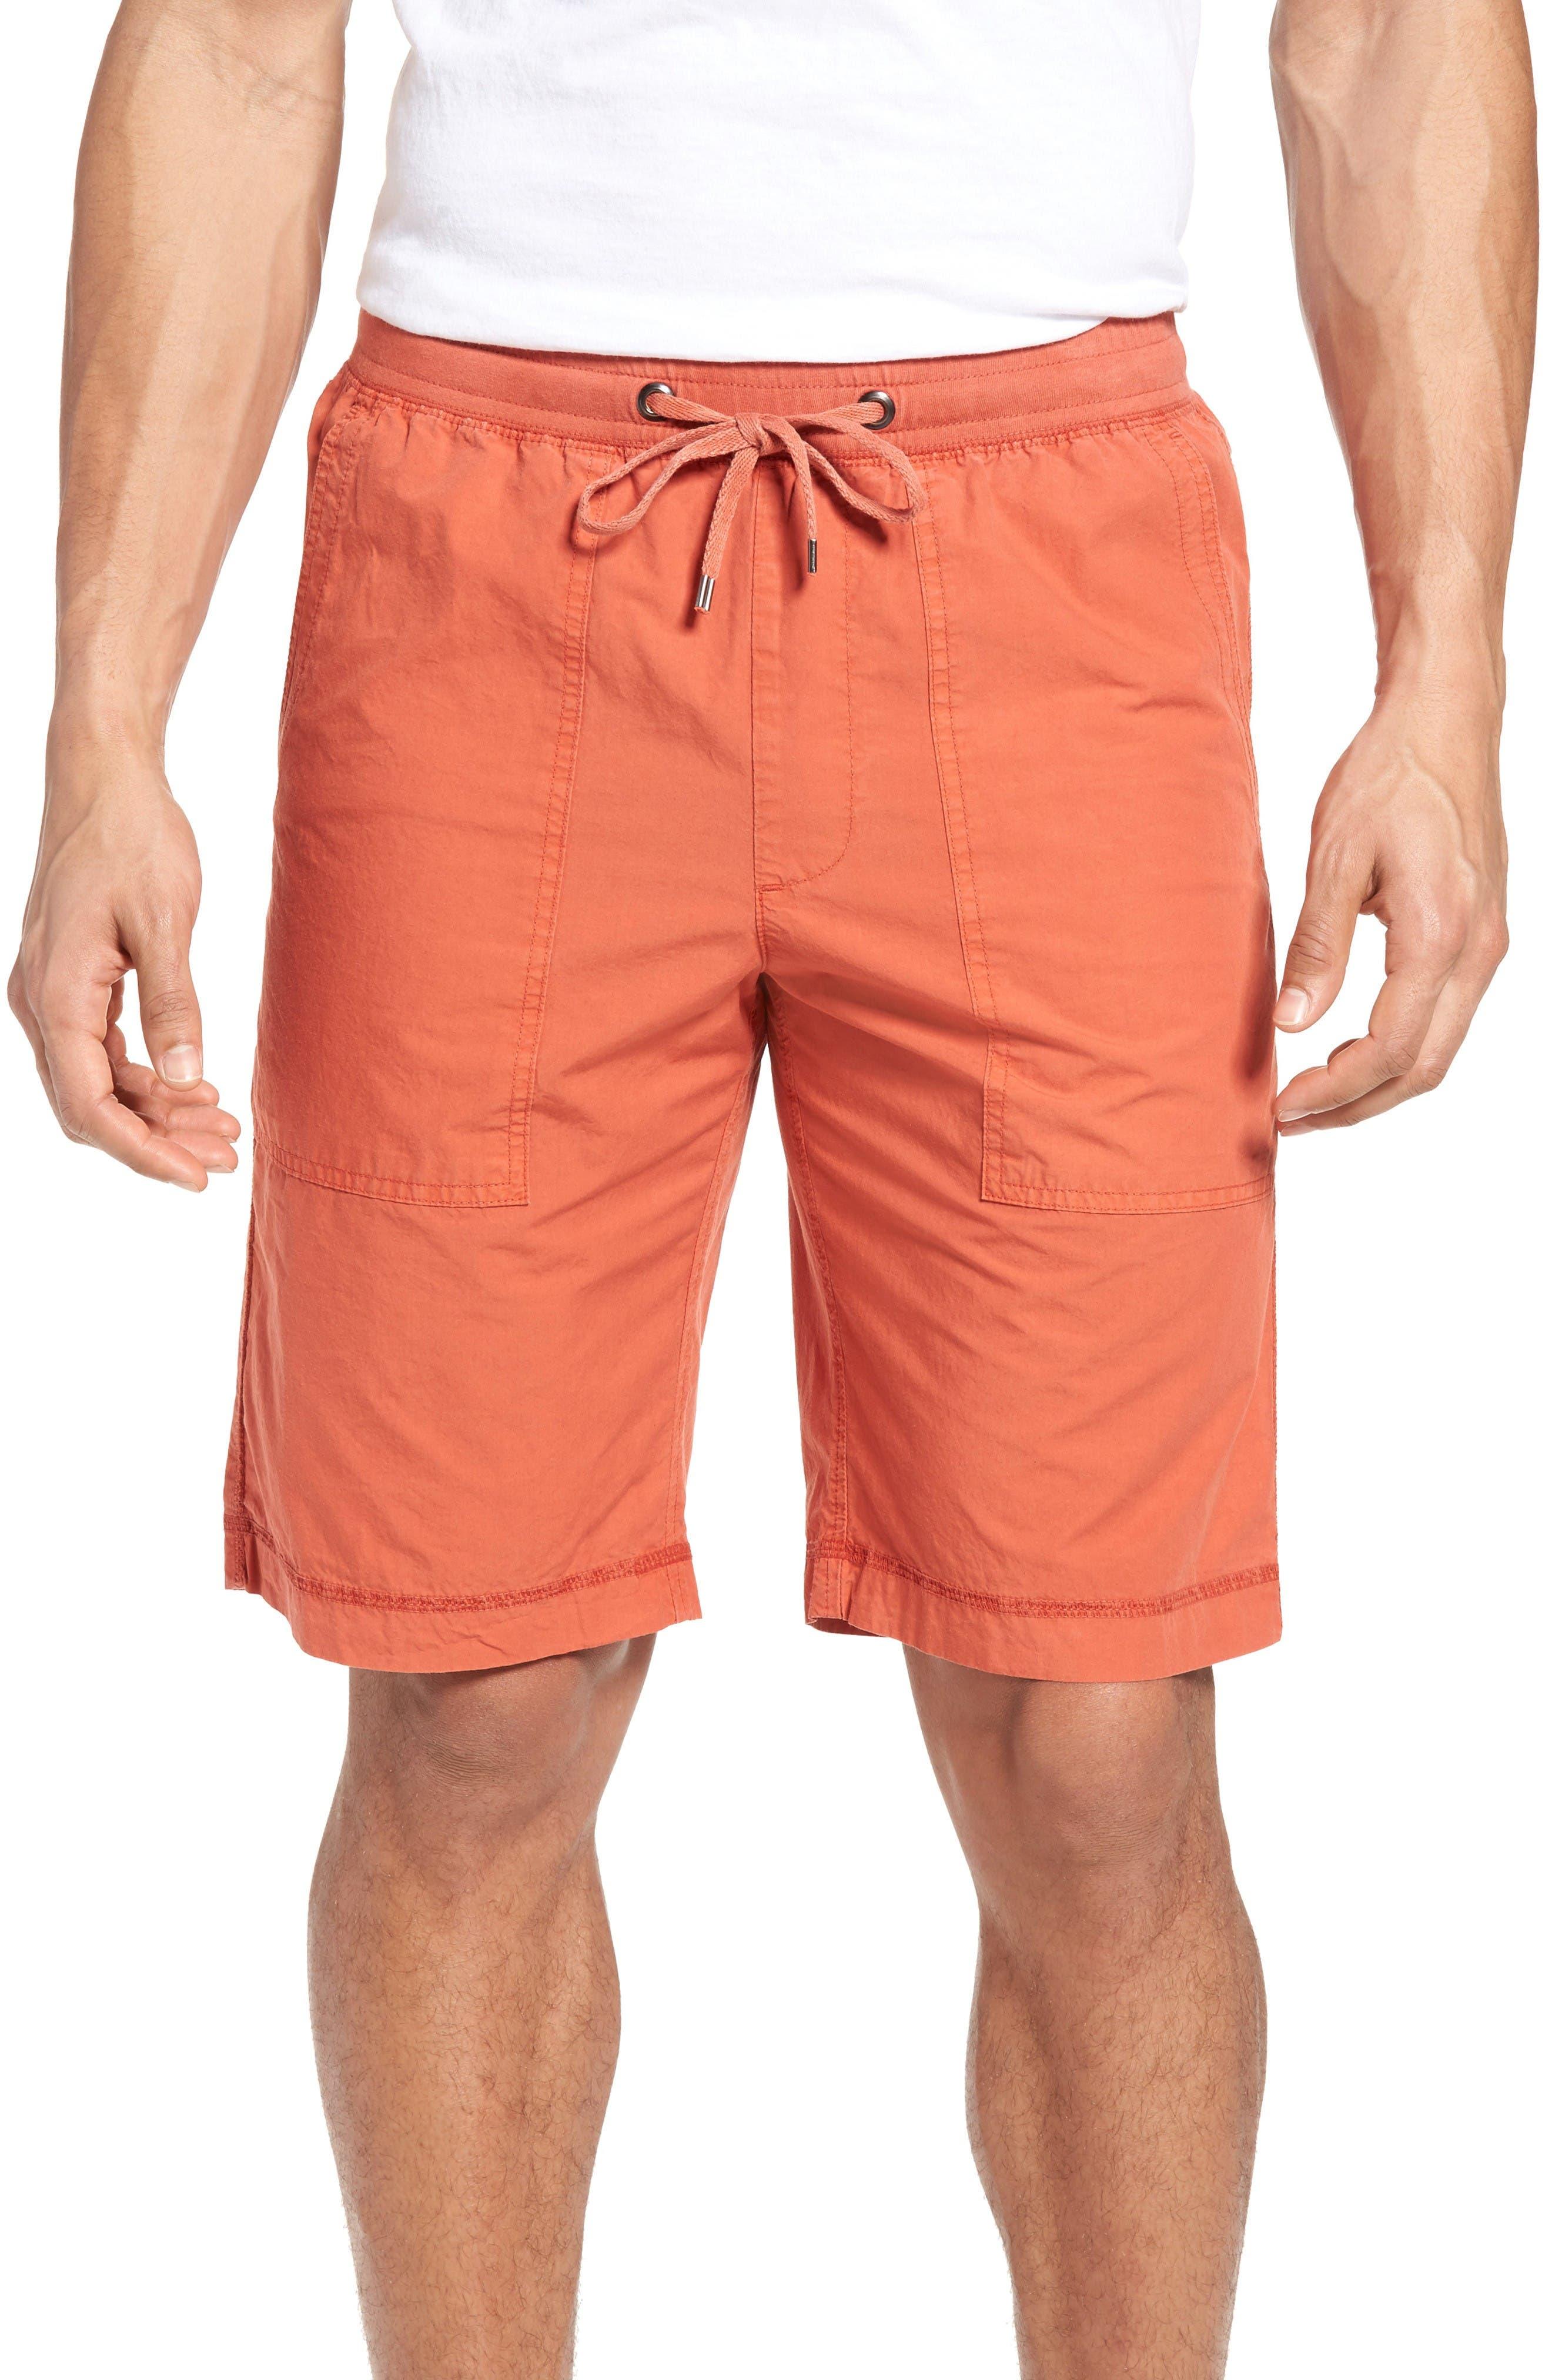 Alternate Image 1 Selected - Tommy Bahama Portside Shorts